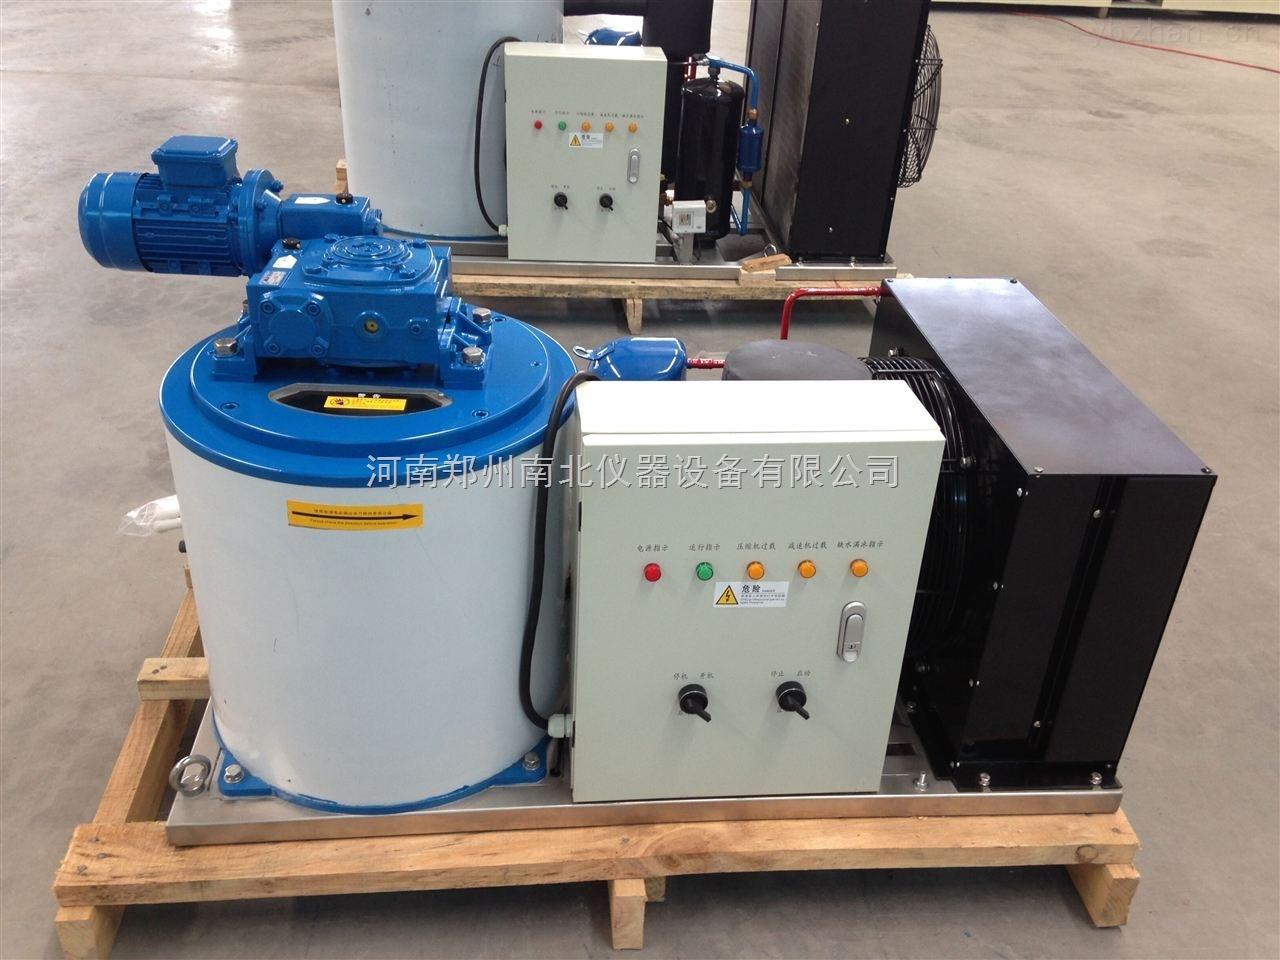 供应商用制冰机,鳞片商用制冰机厂商